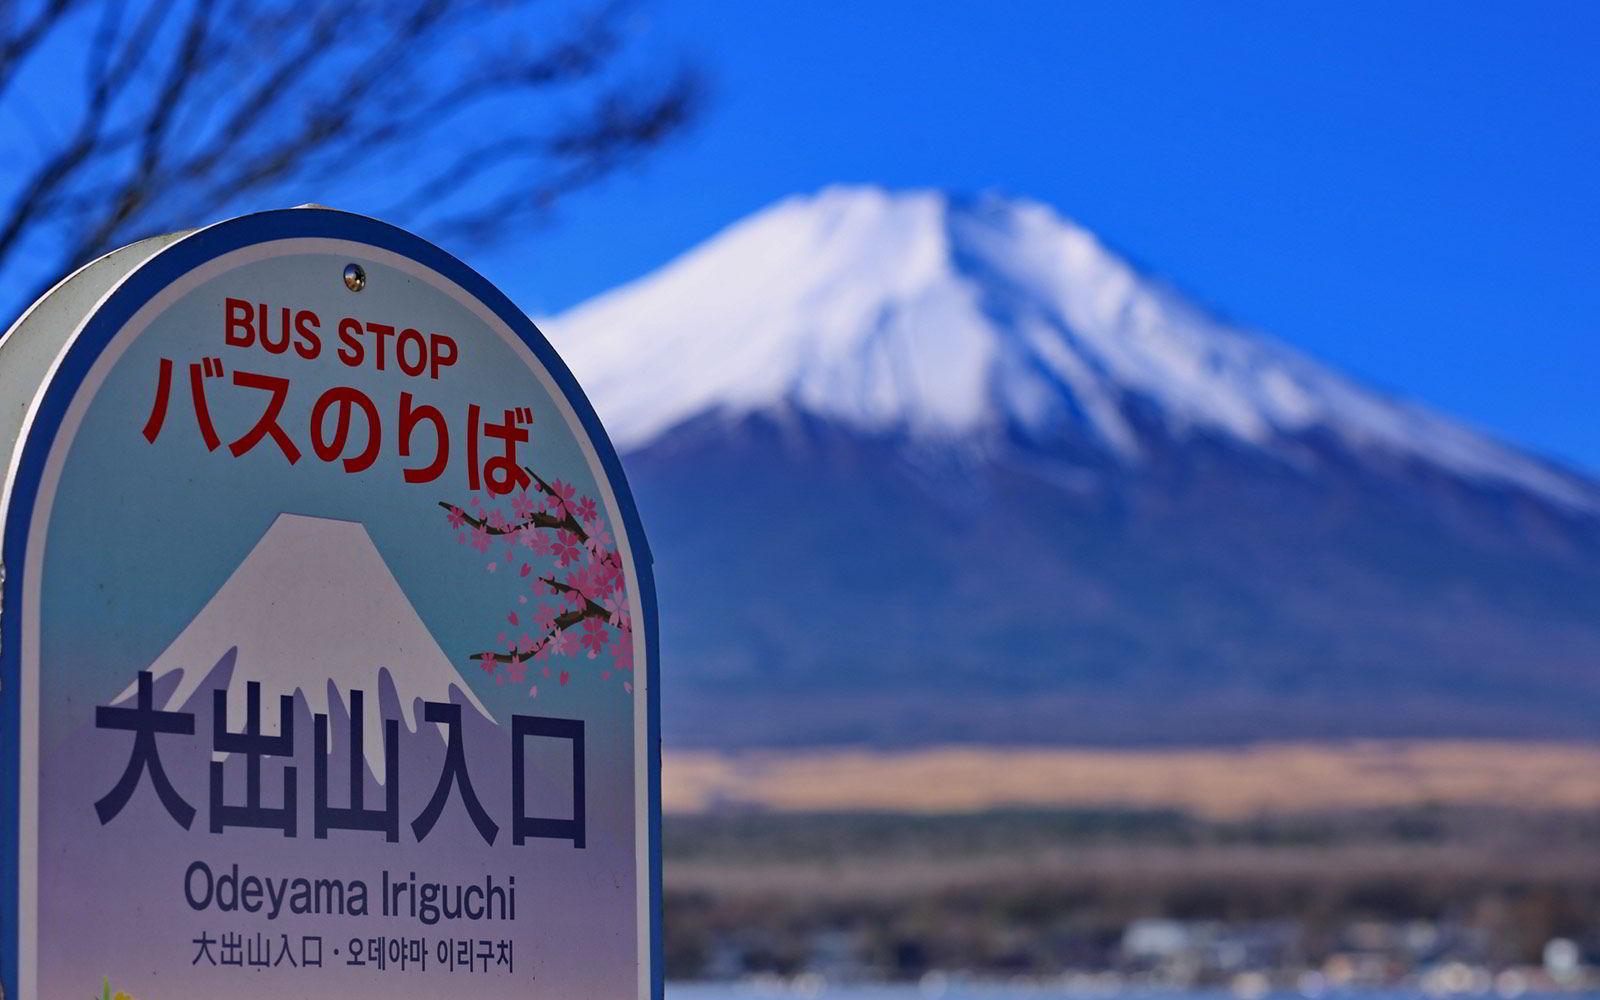 Giappone: Monte Fuji